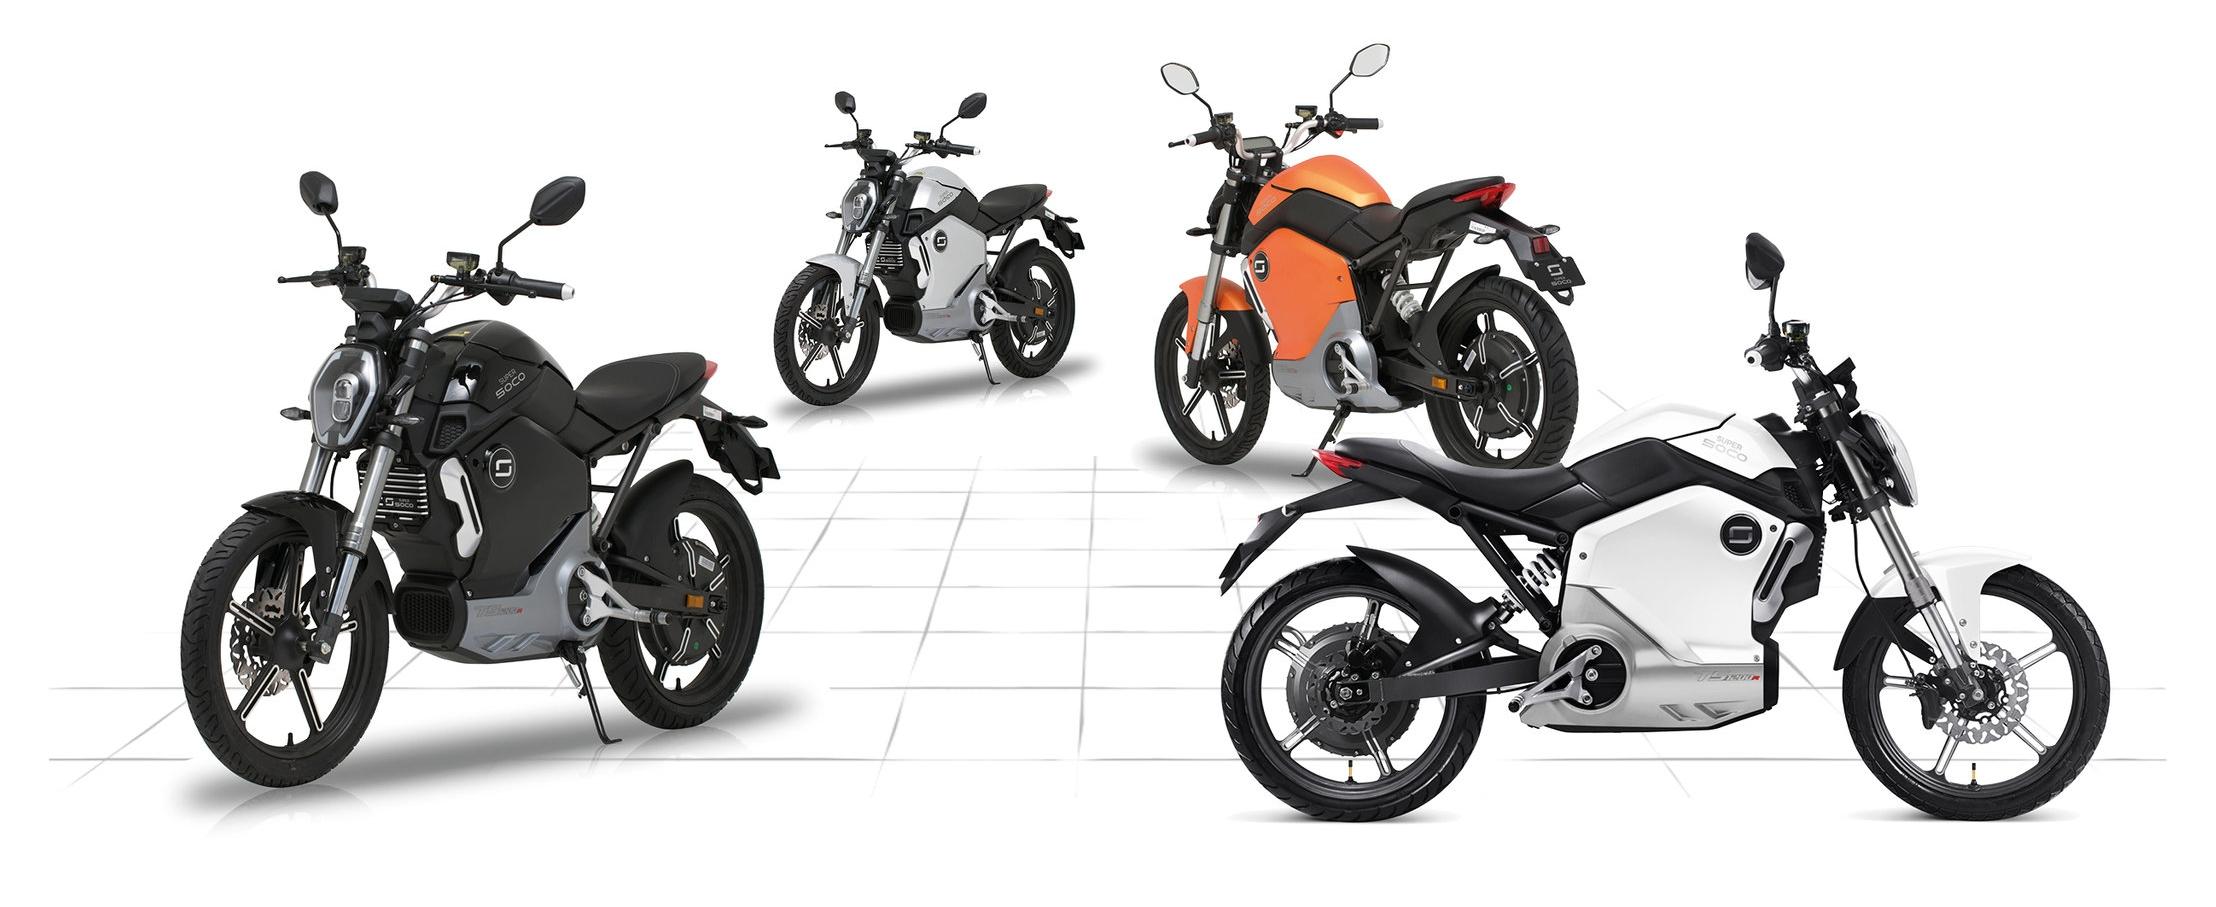 ....El-mopeder har aldrig varit snyggare..E-Mobility has never looked so good..E-Mobility has never looked so good..E-Mobility has never looked so good..E-Mobility has never looked so good.... -